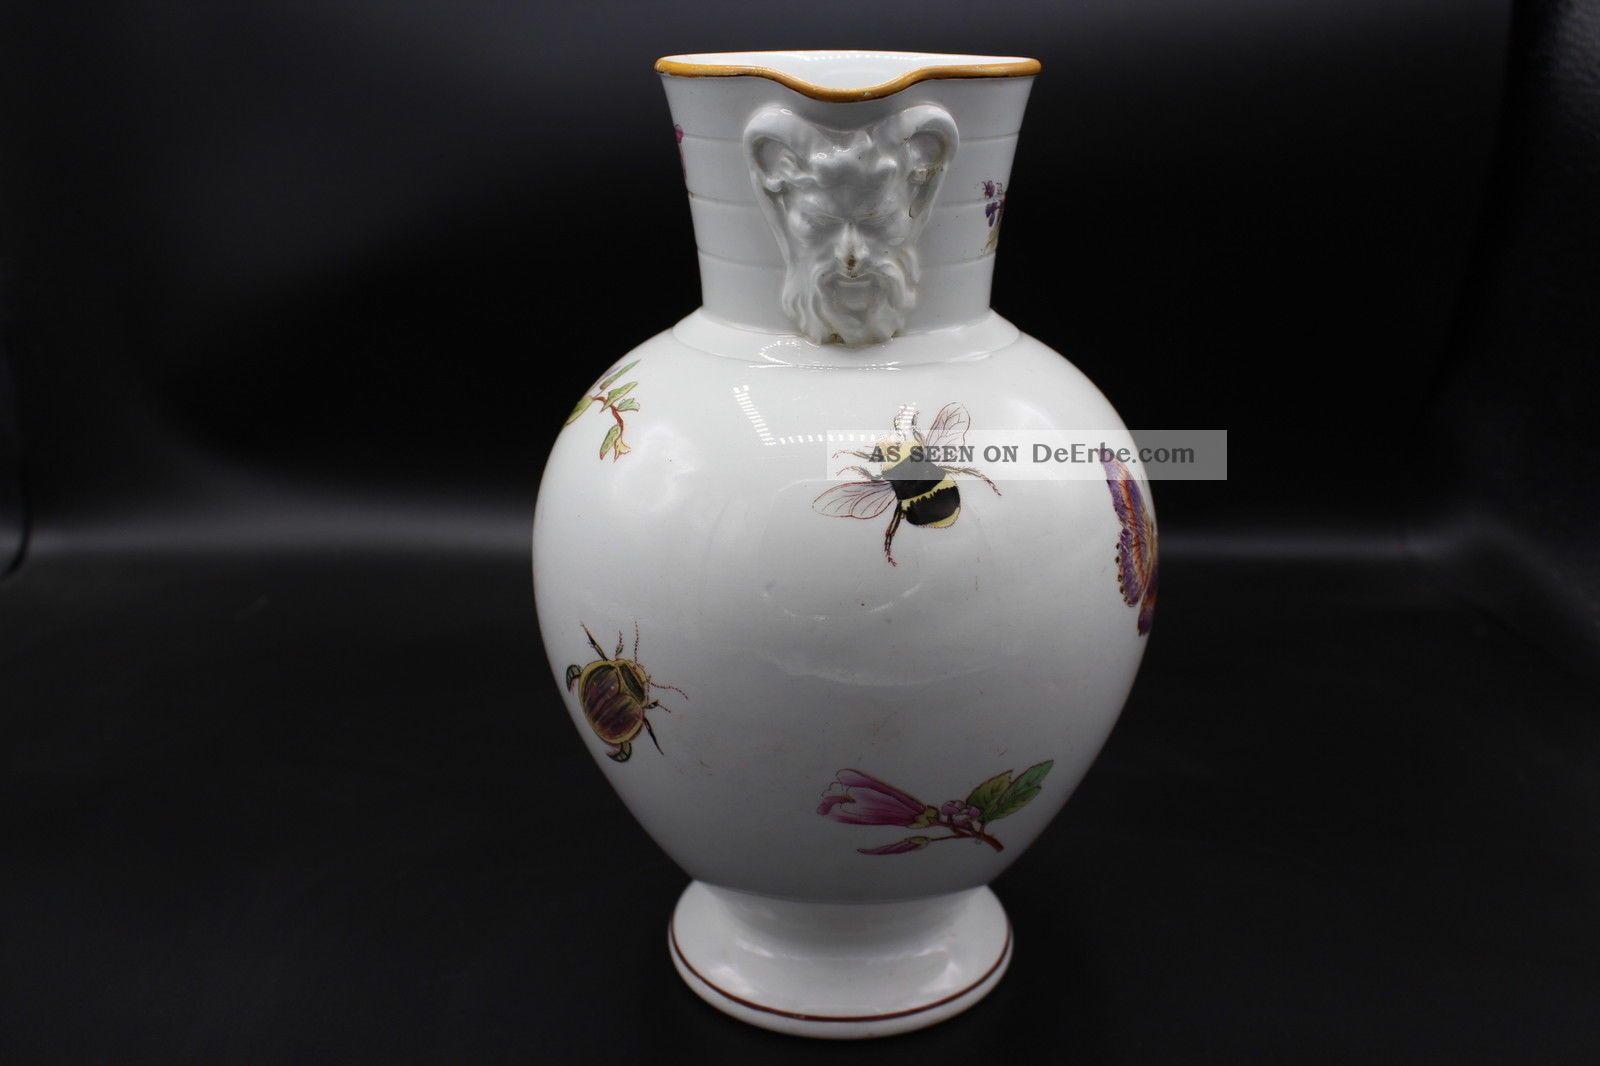 Wedgwood Keramik Historismus Kanne Vase Insekten Dekor 1880 Nach Marke & Herkunft Bild